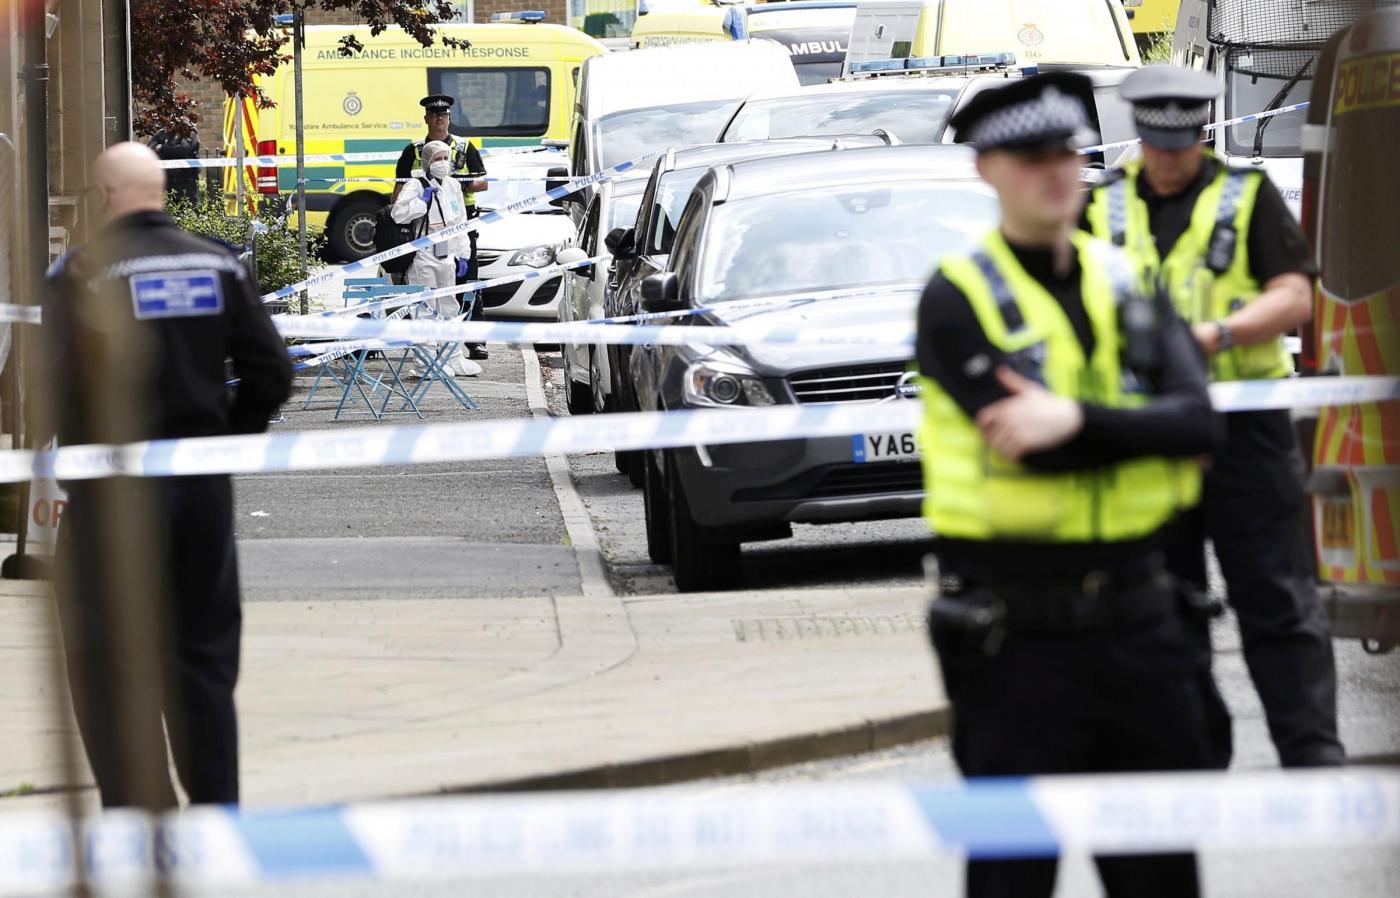 Regno Unito, è grave deputata laburista aggredita a colpi d'arma da fuoco